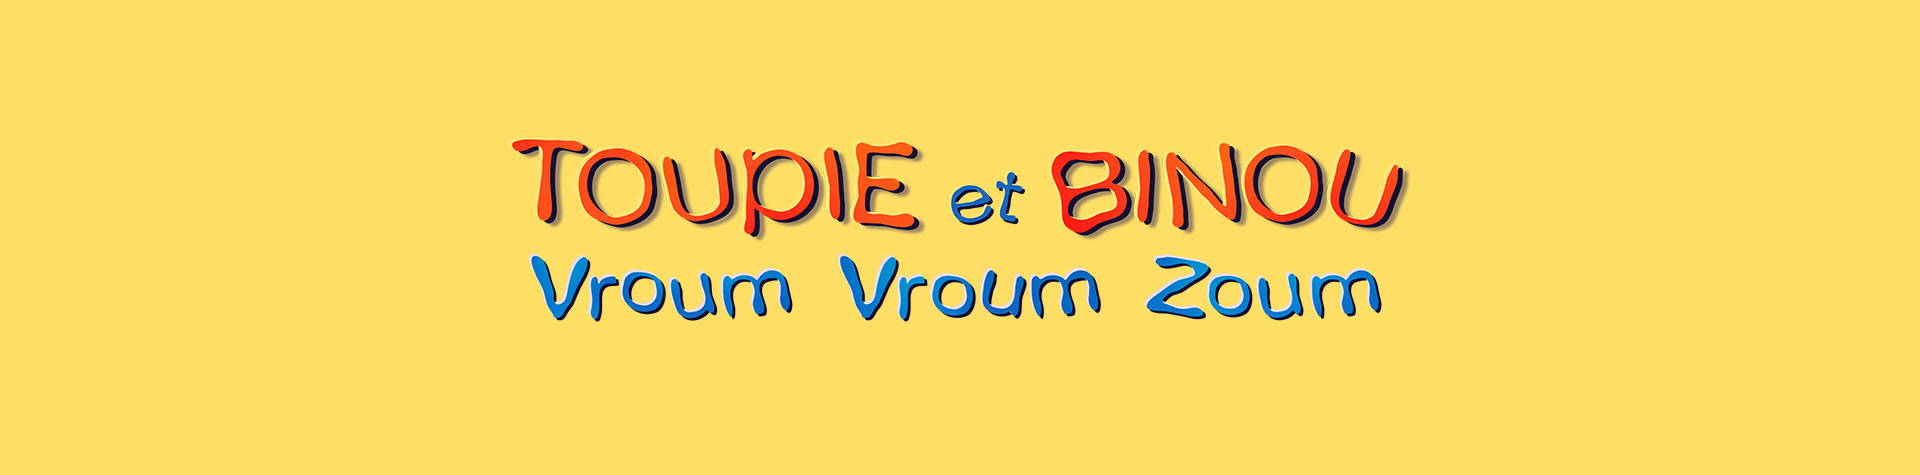 Logo Toupie et Binou